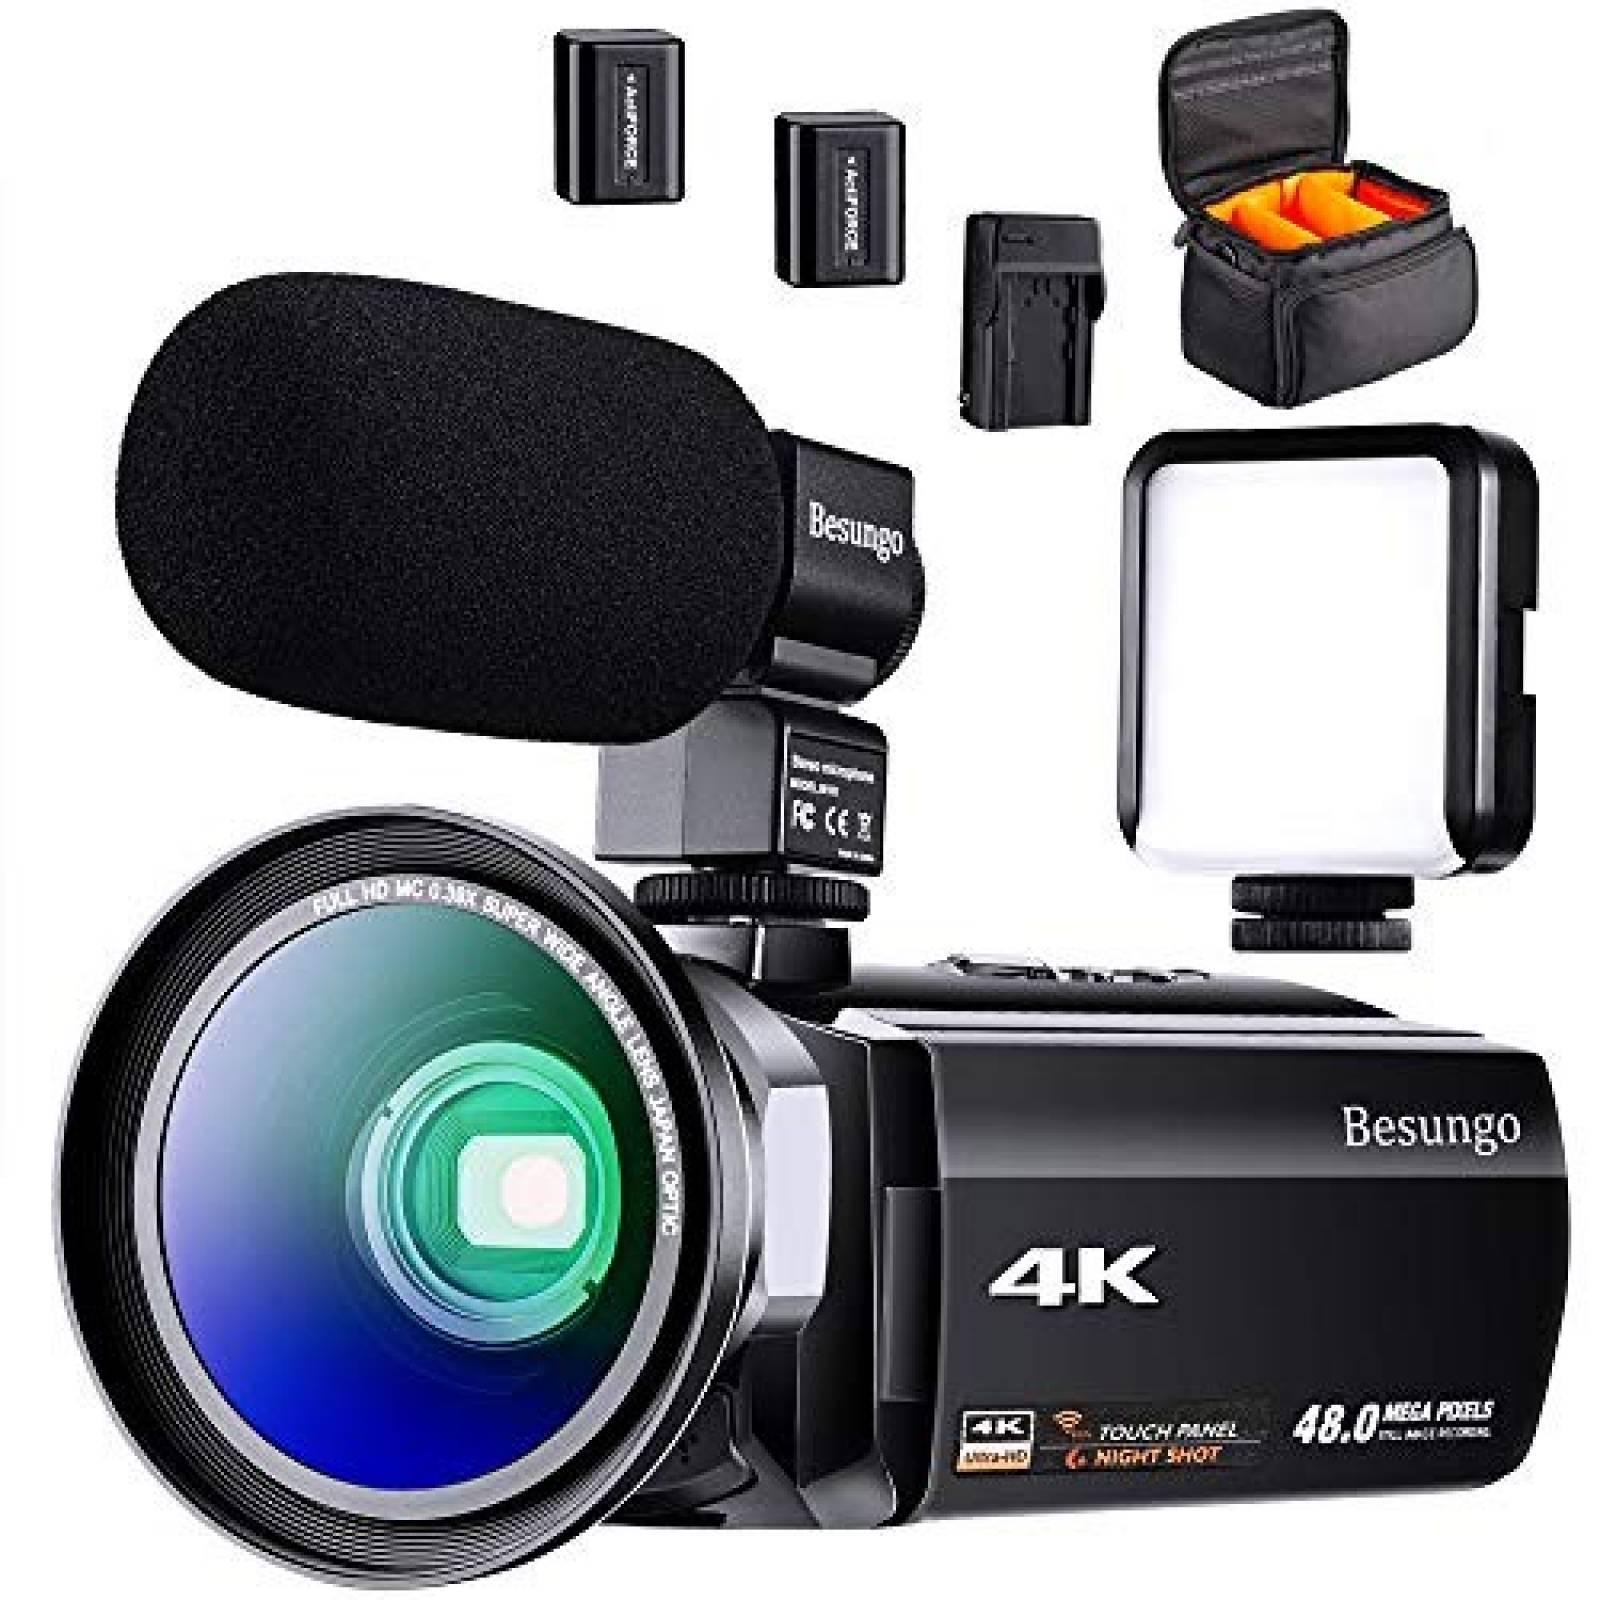 Videocámara besungo 4K 60FPS 48MP HD WiFi lente WideAngle